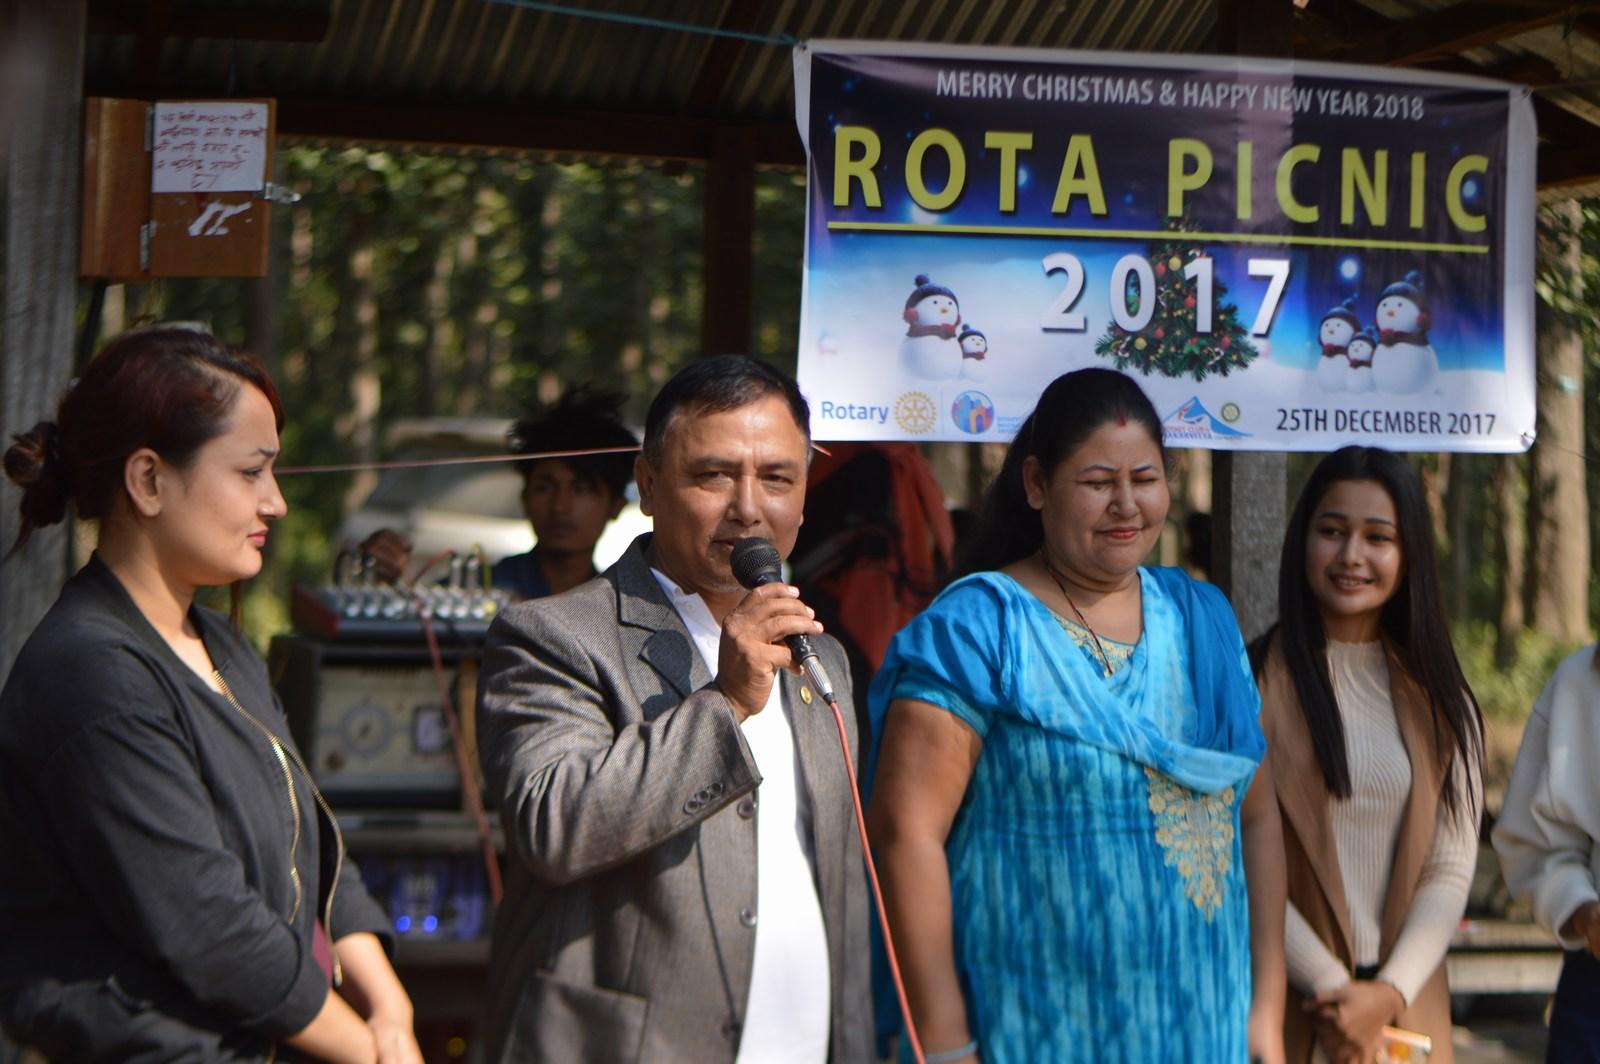 Rota-Picnic-2017-Rotary-Club-of-Kakarvitta-51